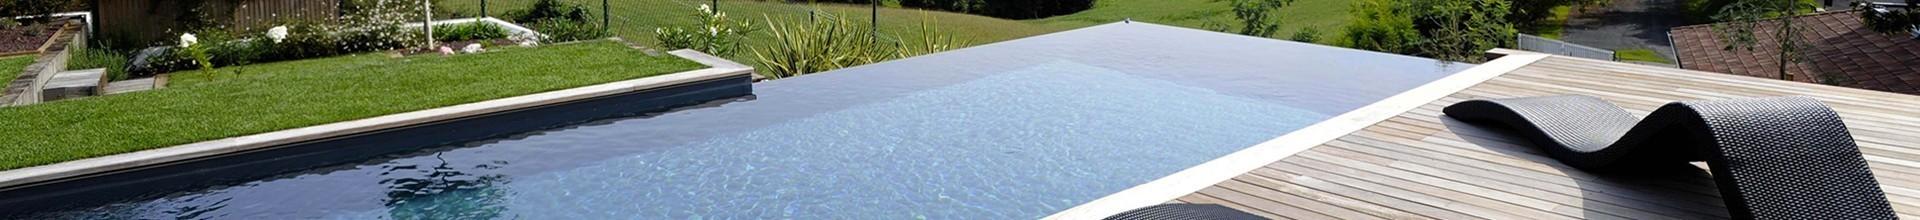 Pays de la Loire, piscine sportive avec un équipement sophistiqué